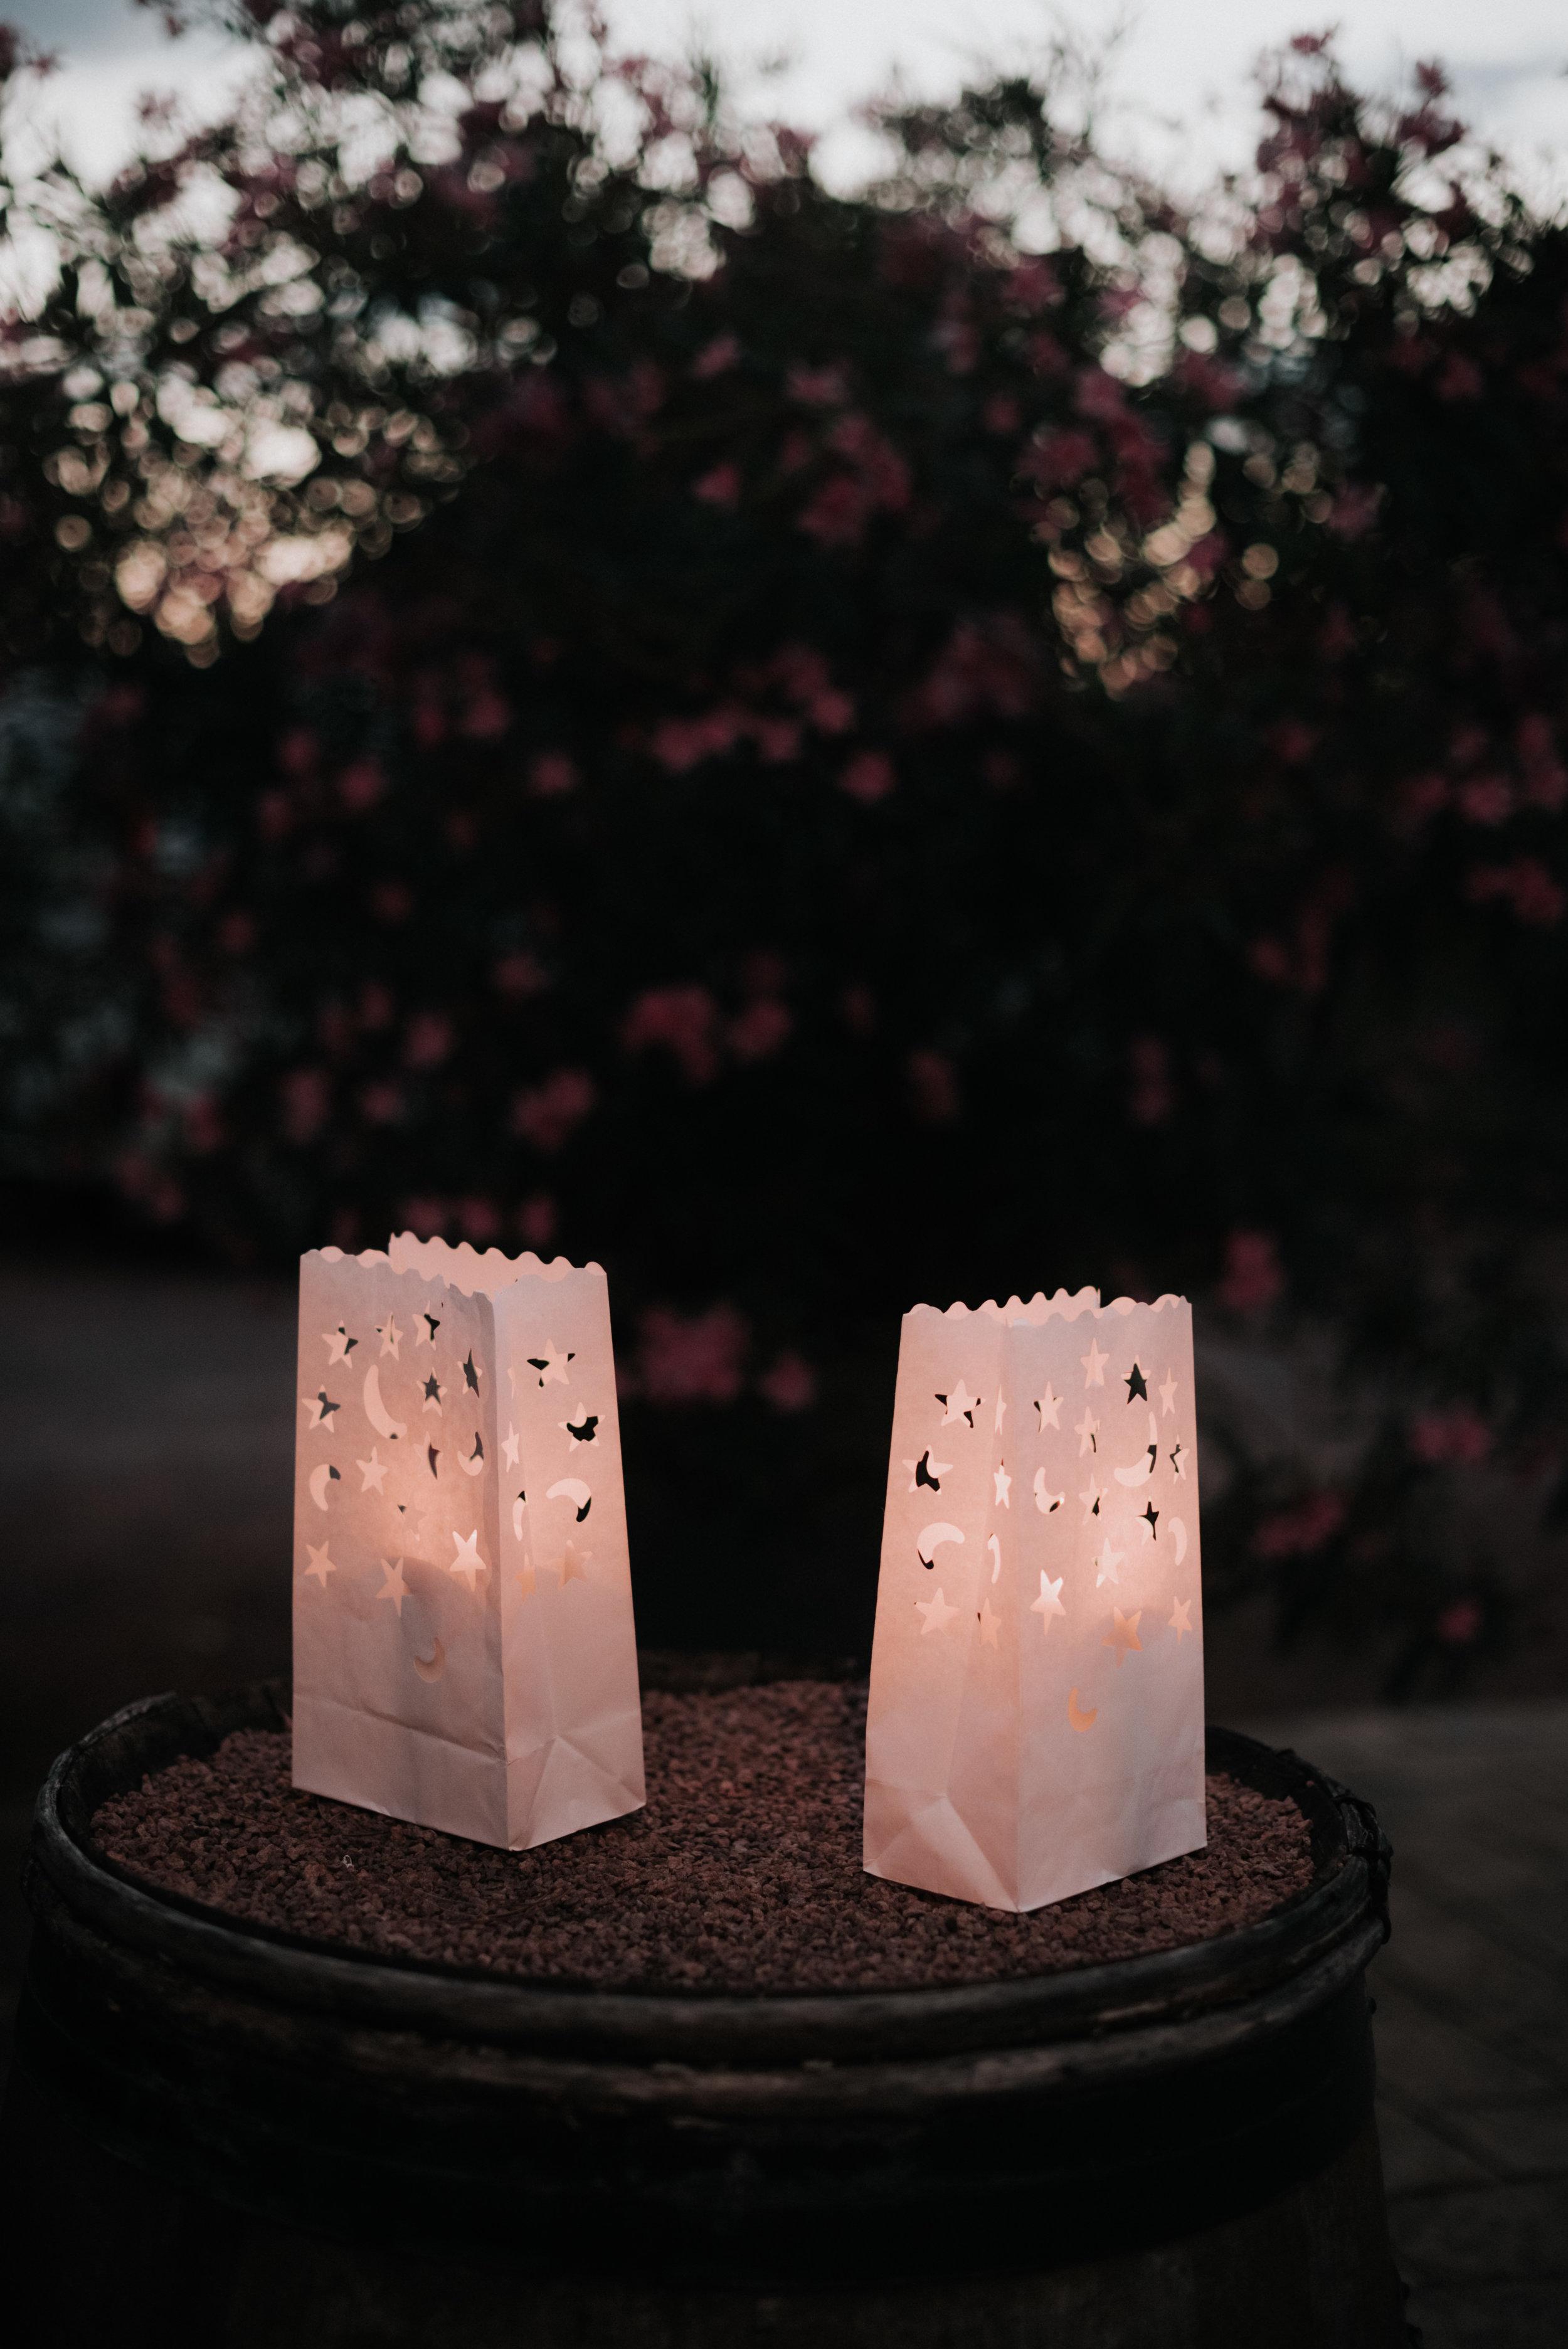 Léa-Fery-photographe-professionnel-lyon-rhone-alpes-portrait-creation-mariage-evenement-evenementiel-famille-9583.jpg